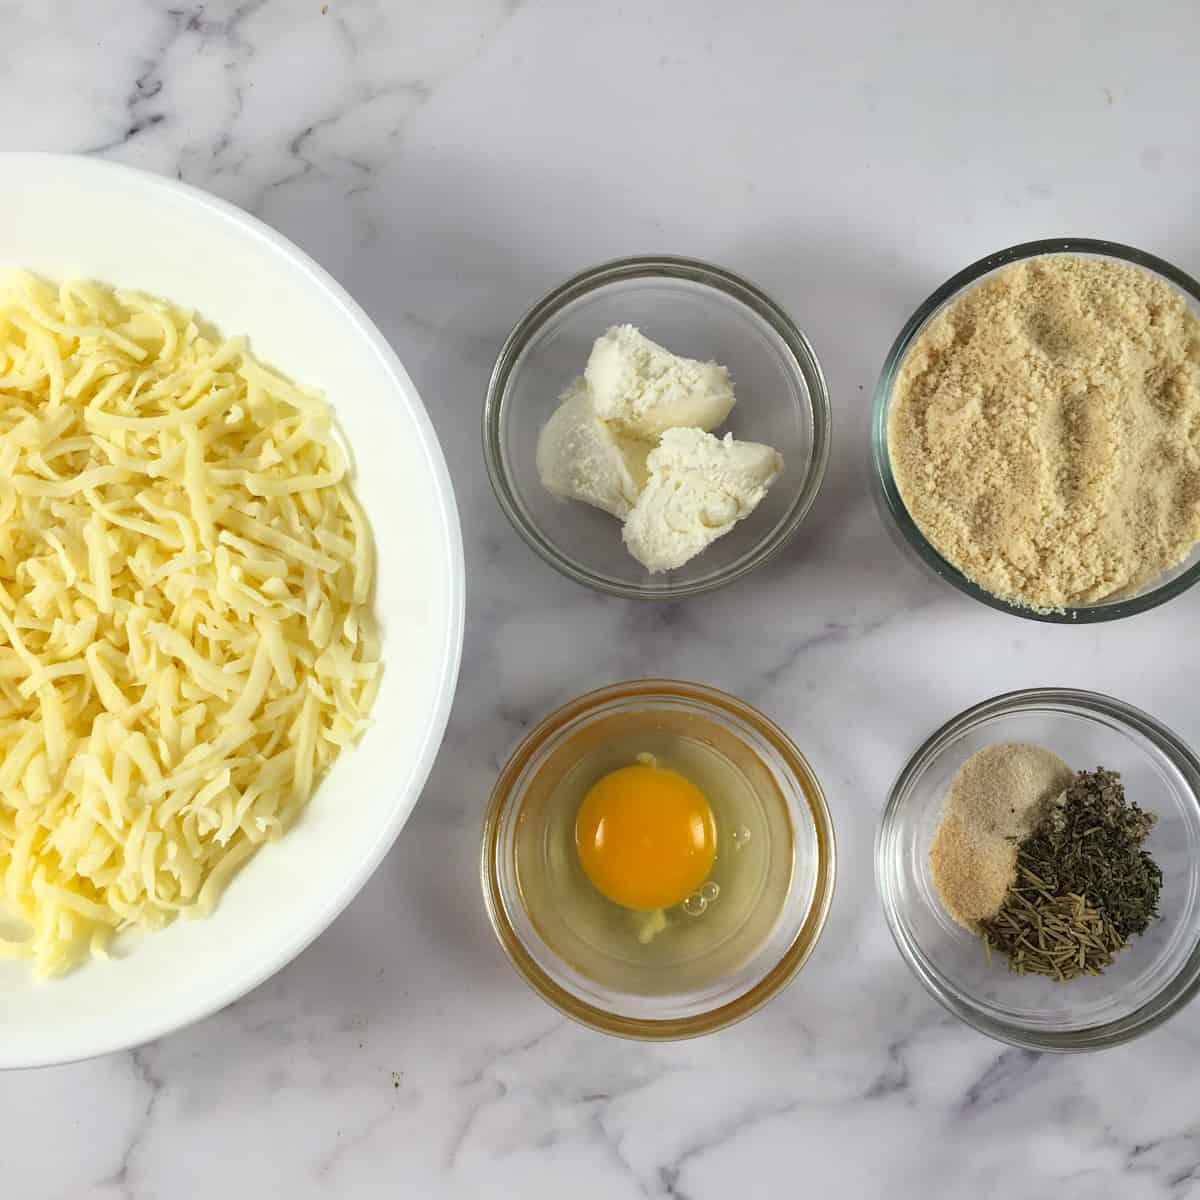 keto crackers ingredients